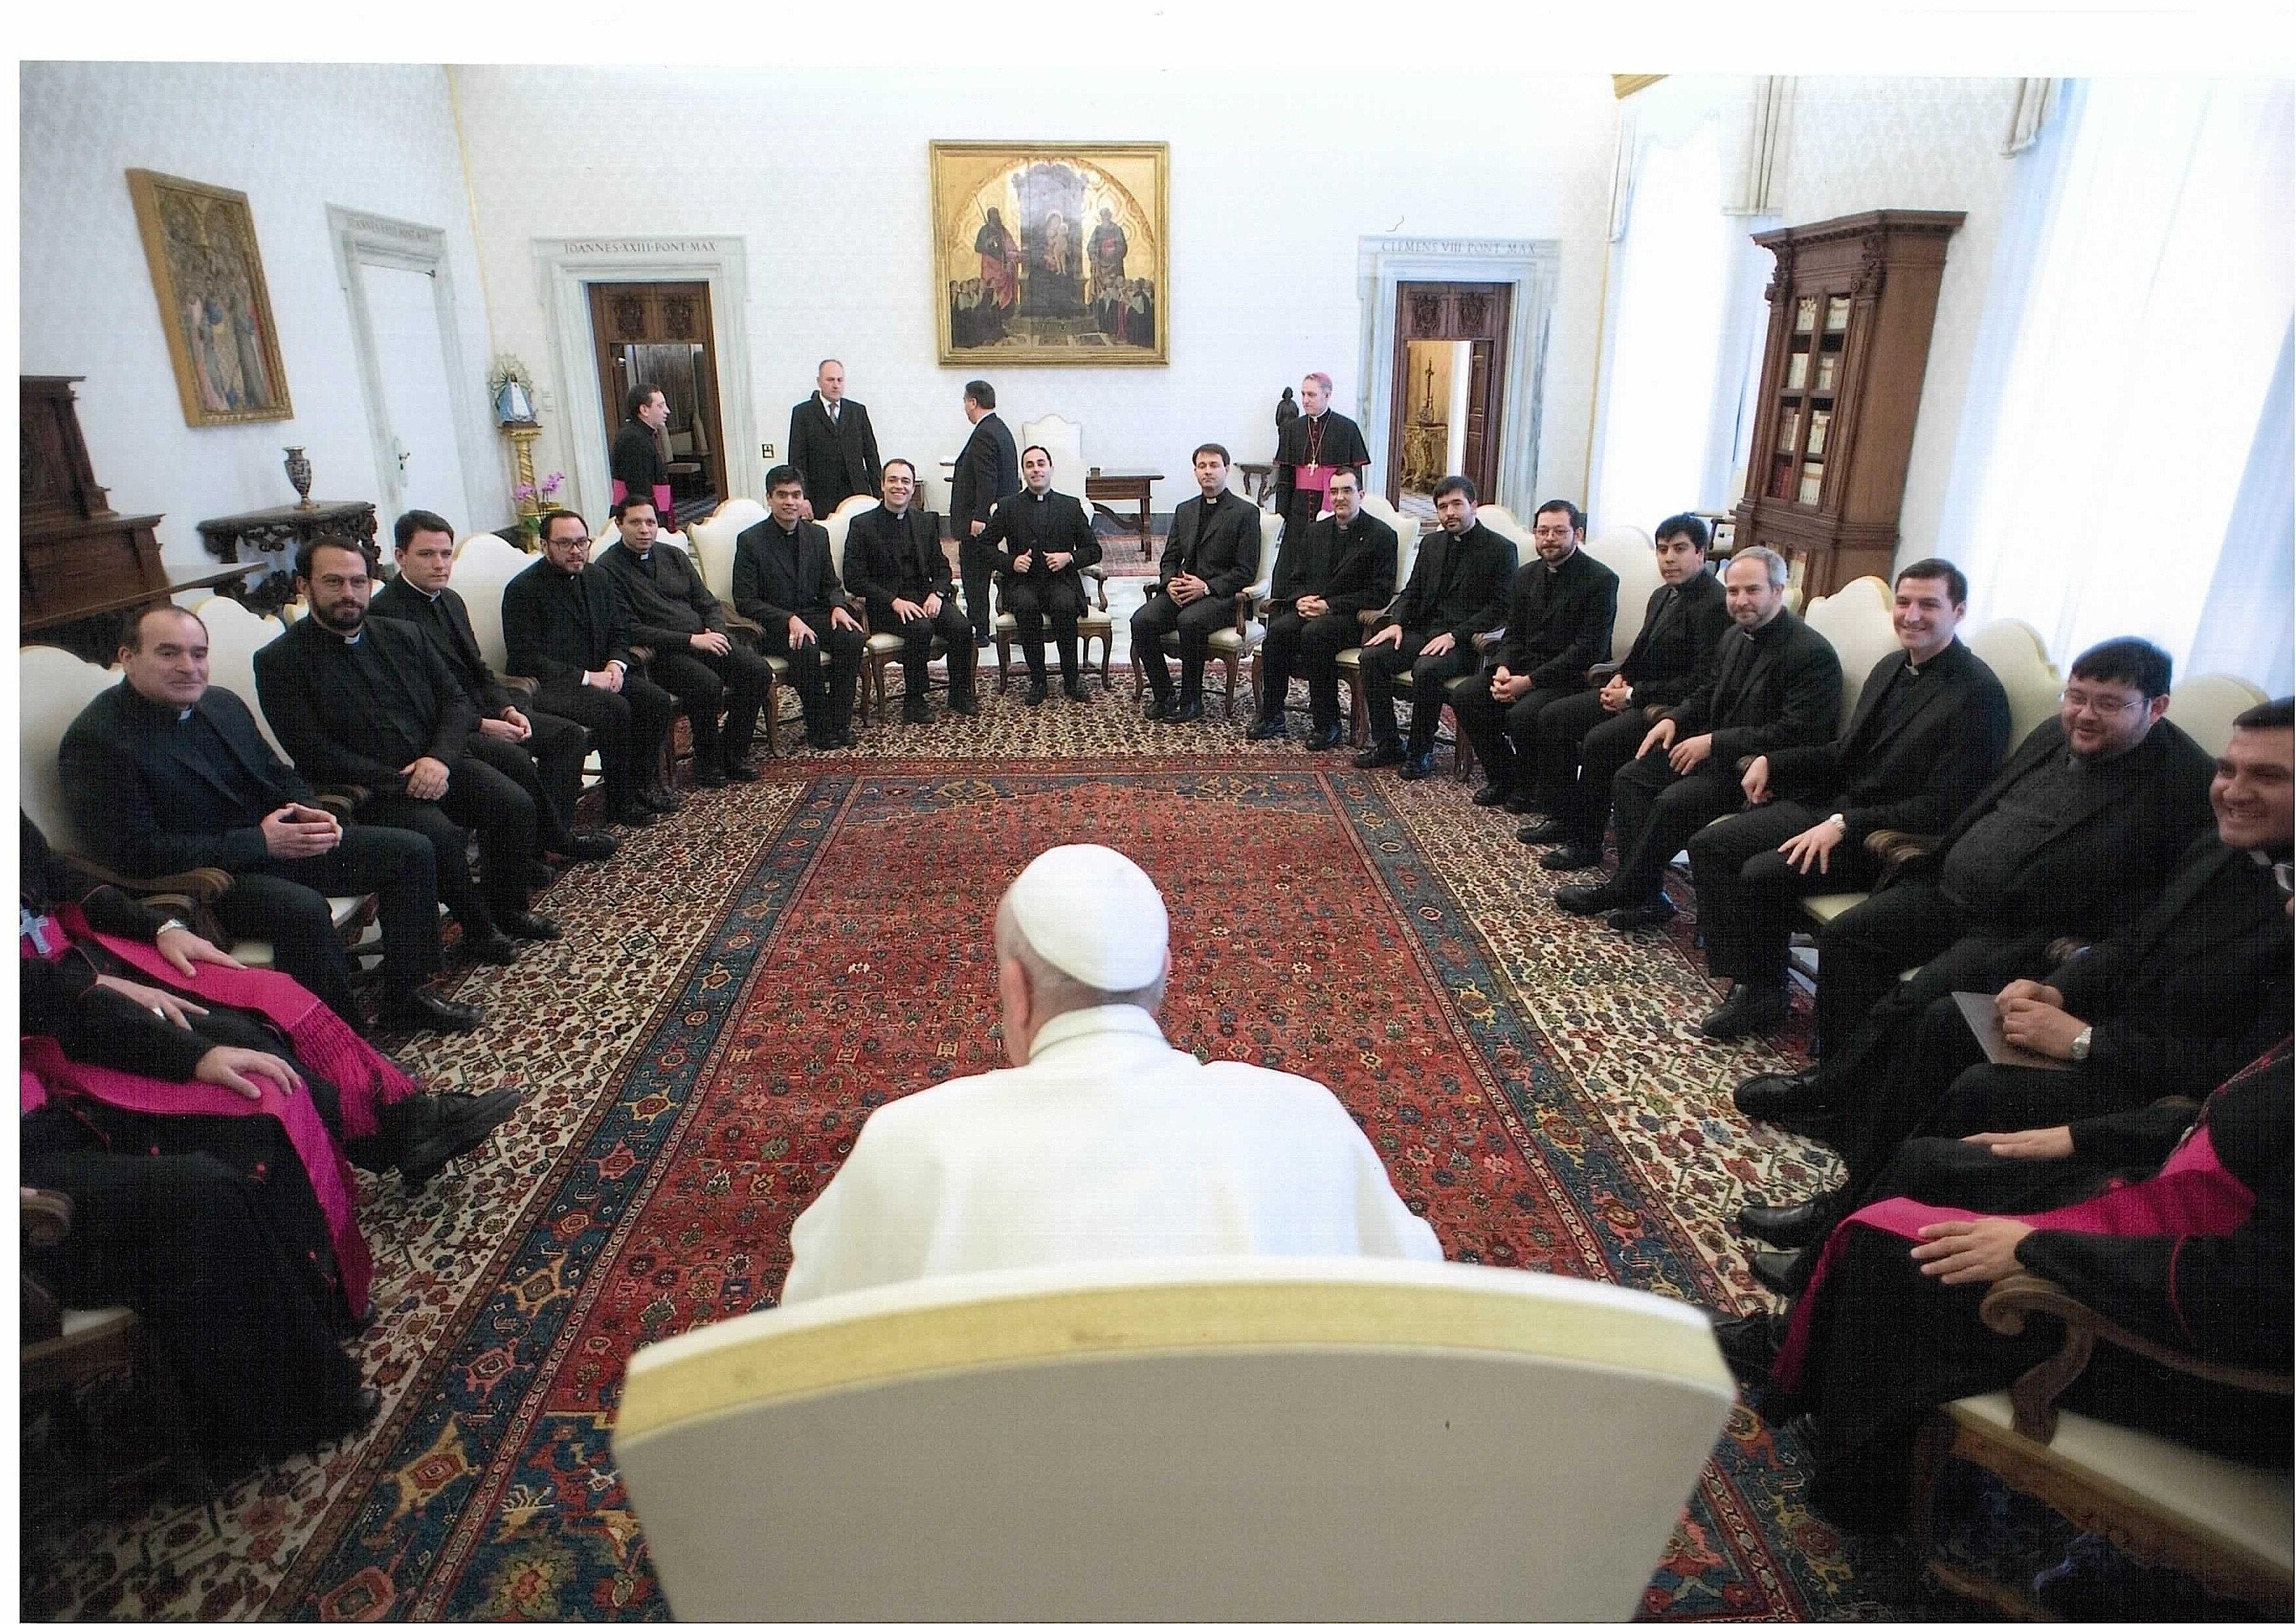 El papa con sacerdotes argentinos - (foto© Osservatore Romano)